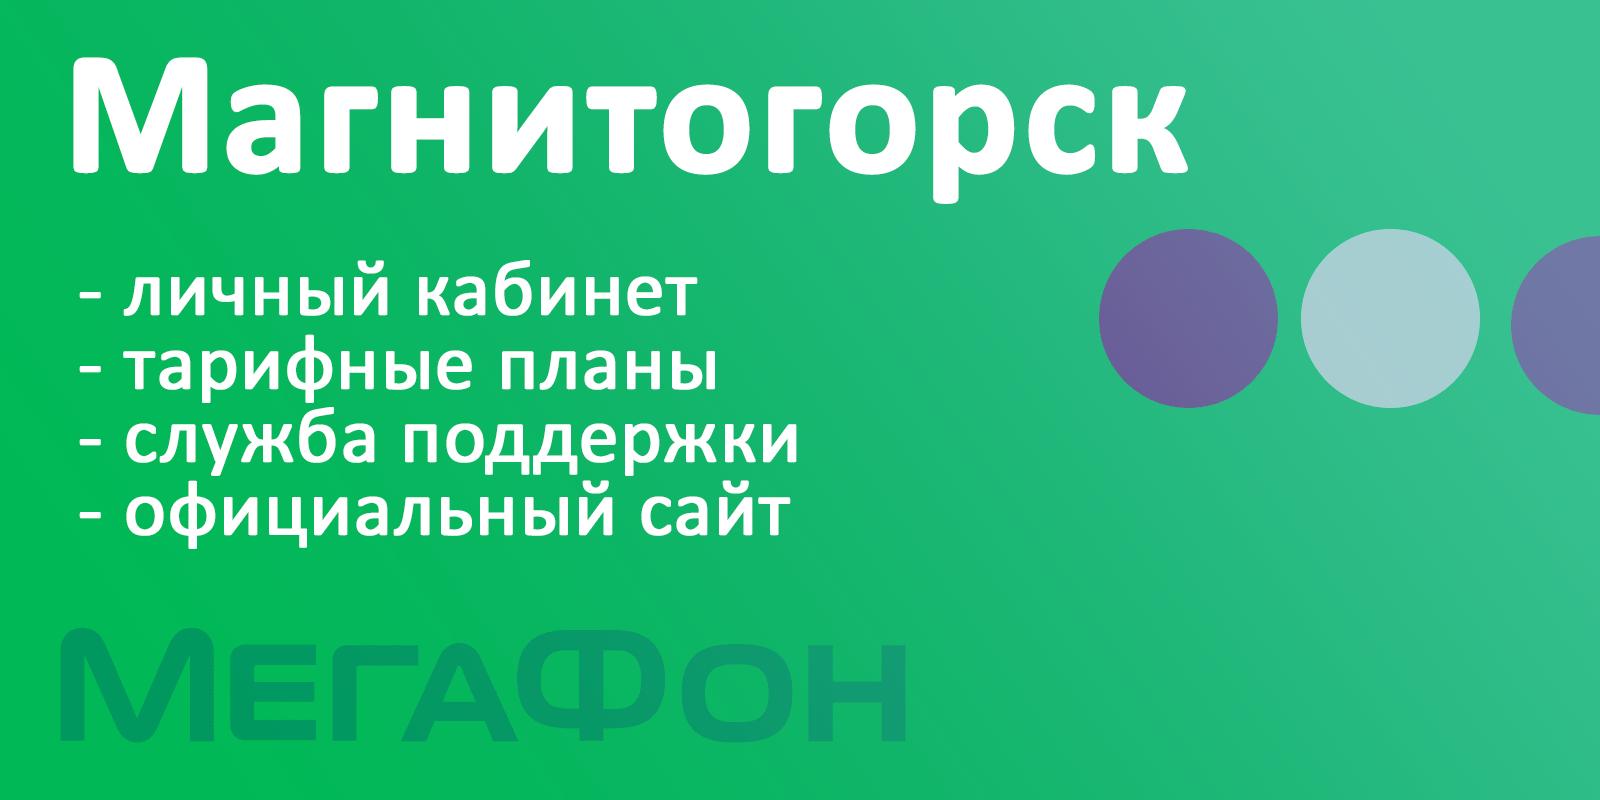 Мегафон Магнитогорск - официальный сайт, тарифы, личный кабинет